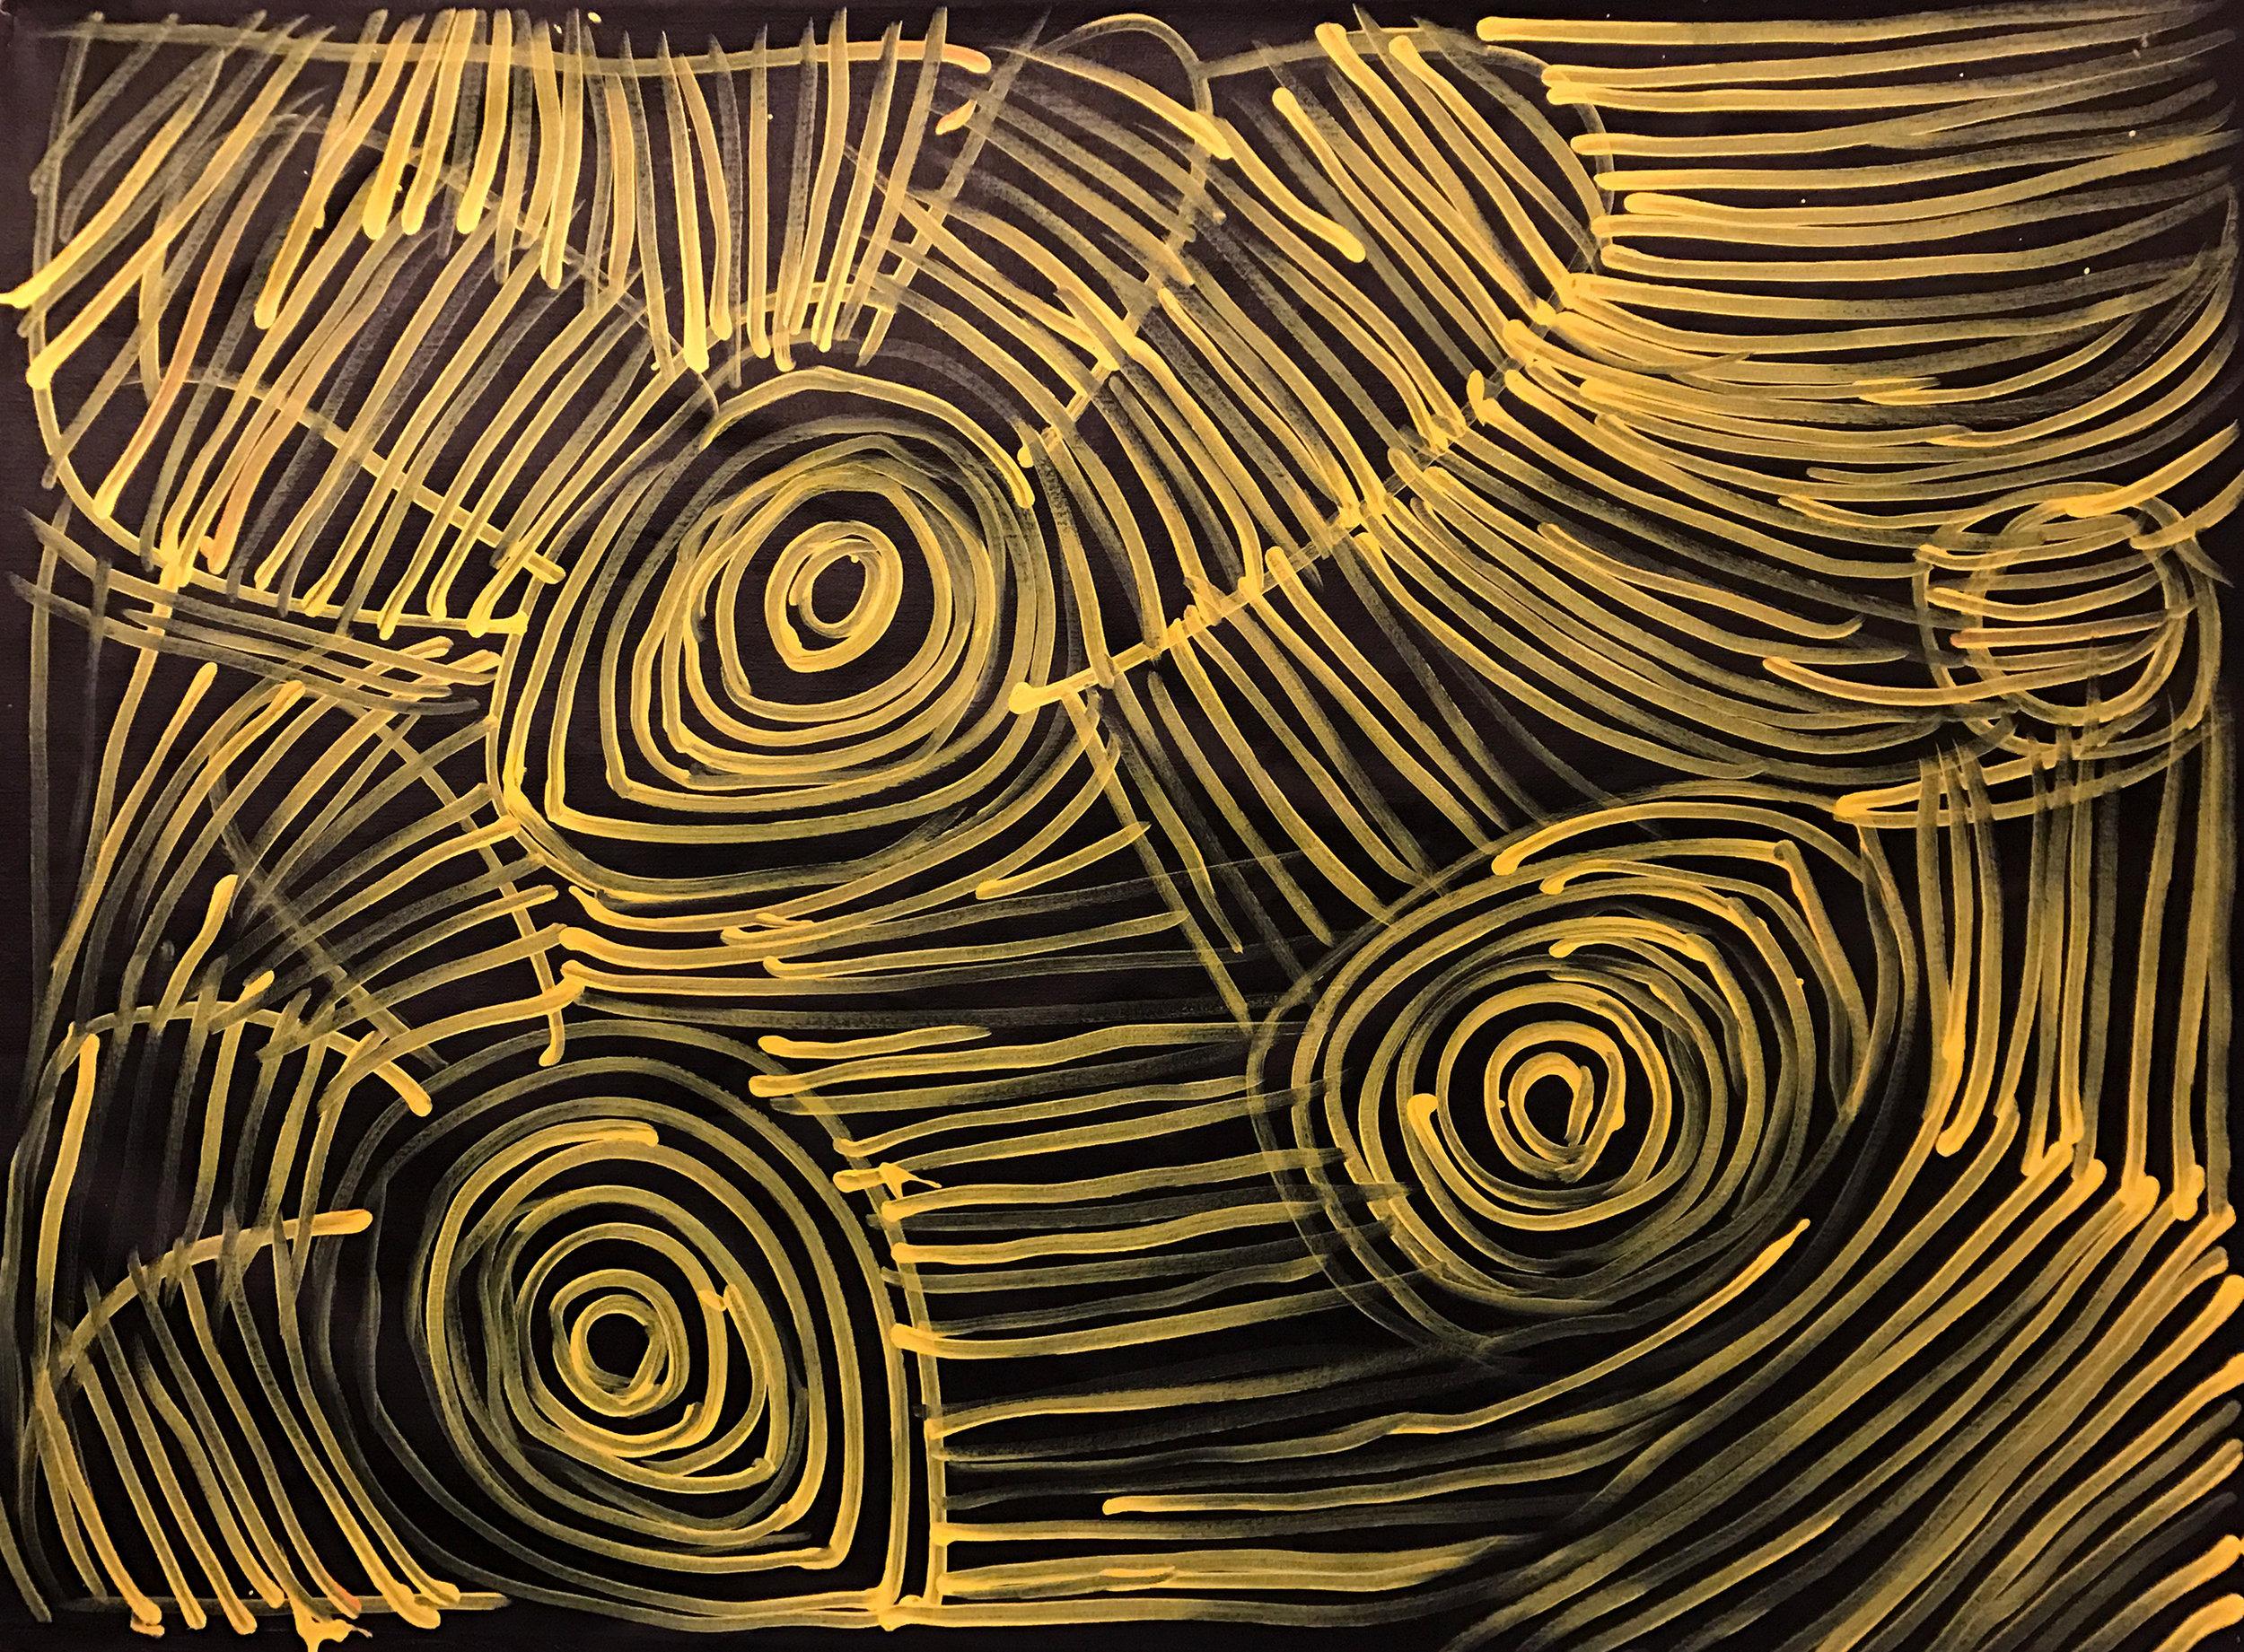 Minnie Pwerle Awelye - Ceremonial Body Paint acrylic 90 x 120 cm #17038